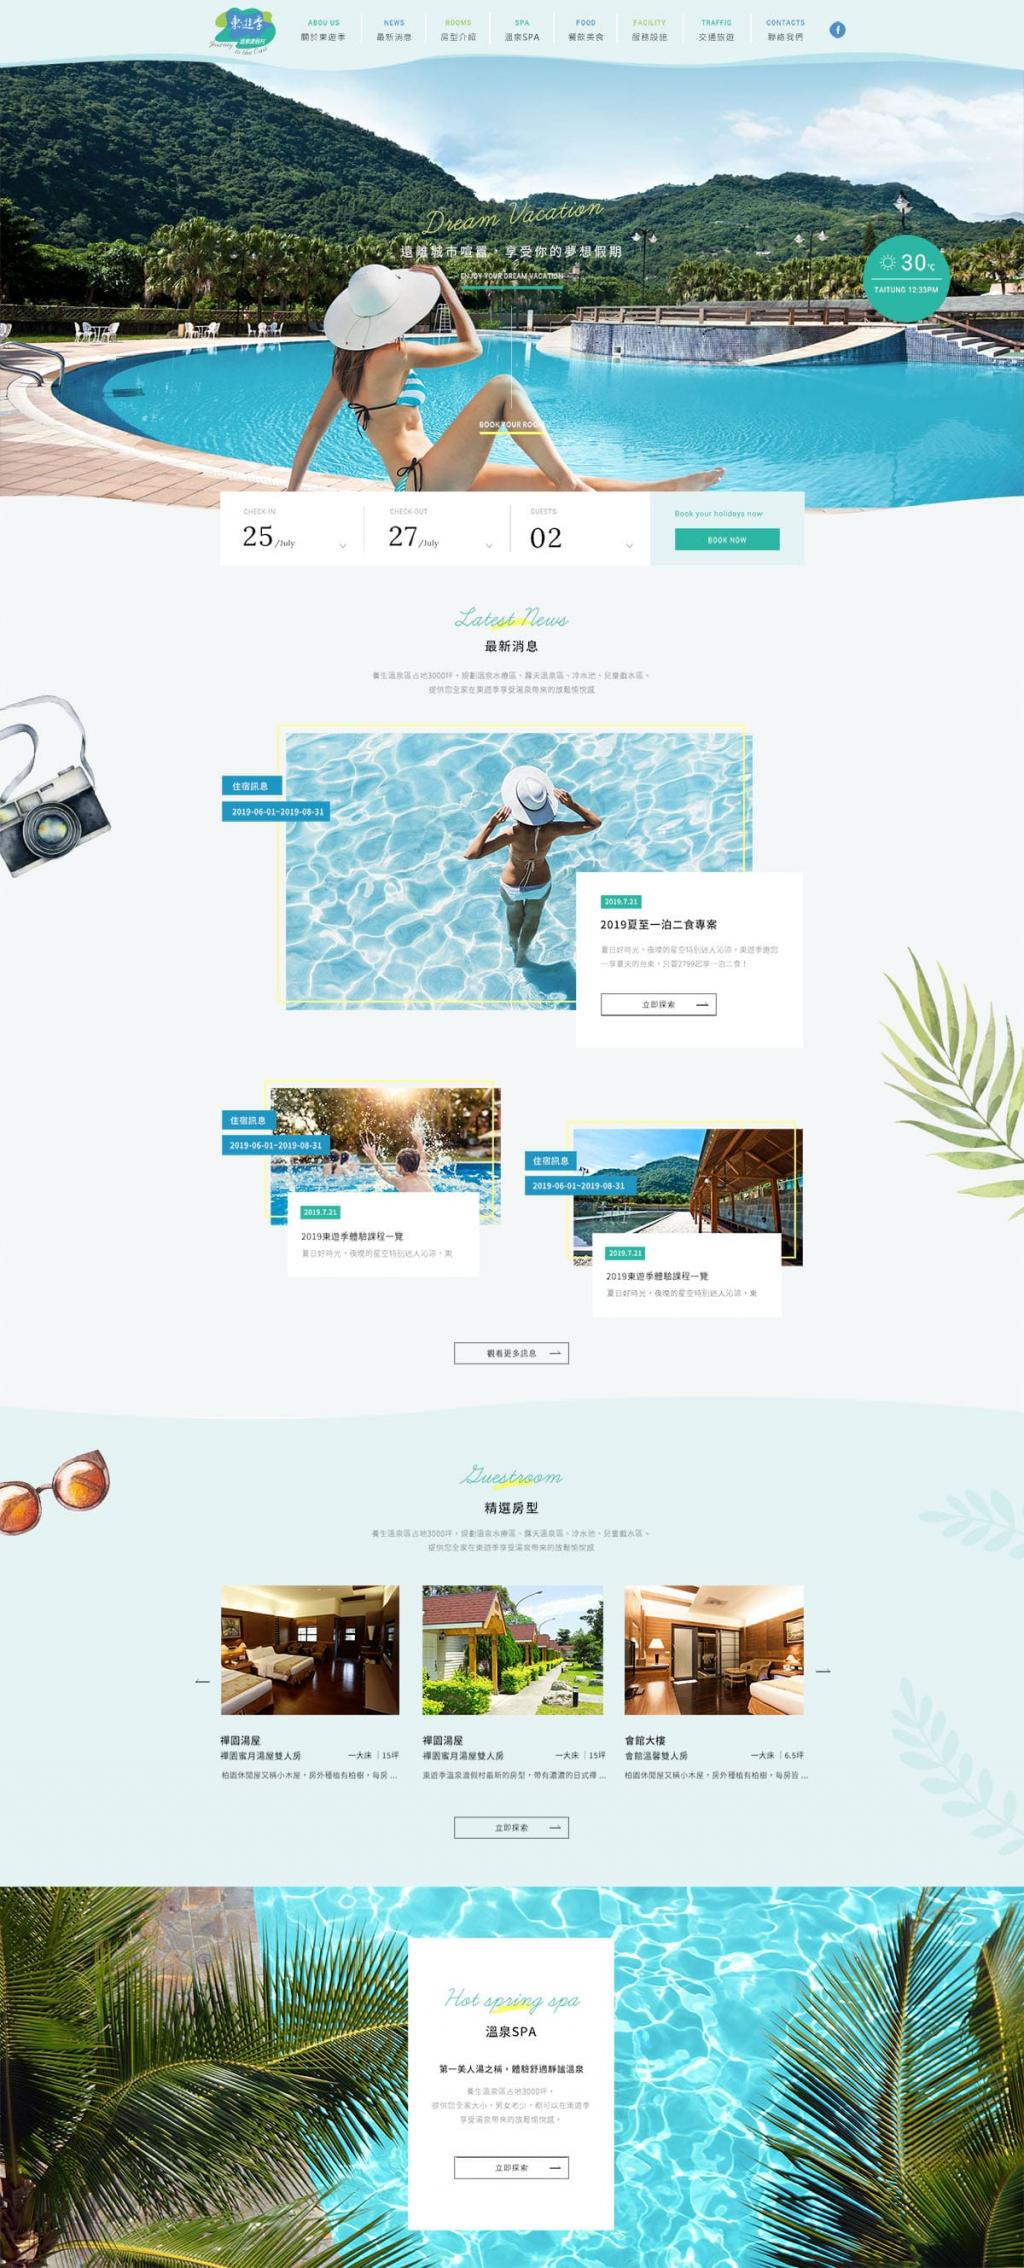 東遊季溫泉渡假村-網頁設計